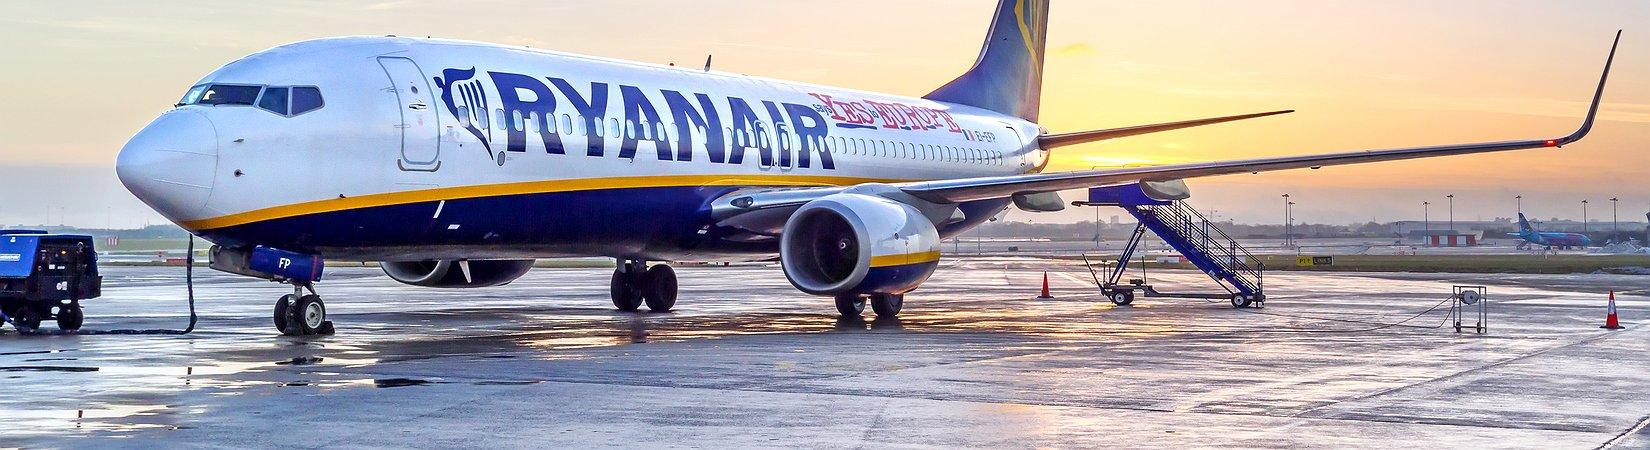 Profitti record per Ryanair: utili in crescita del 6%